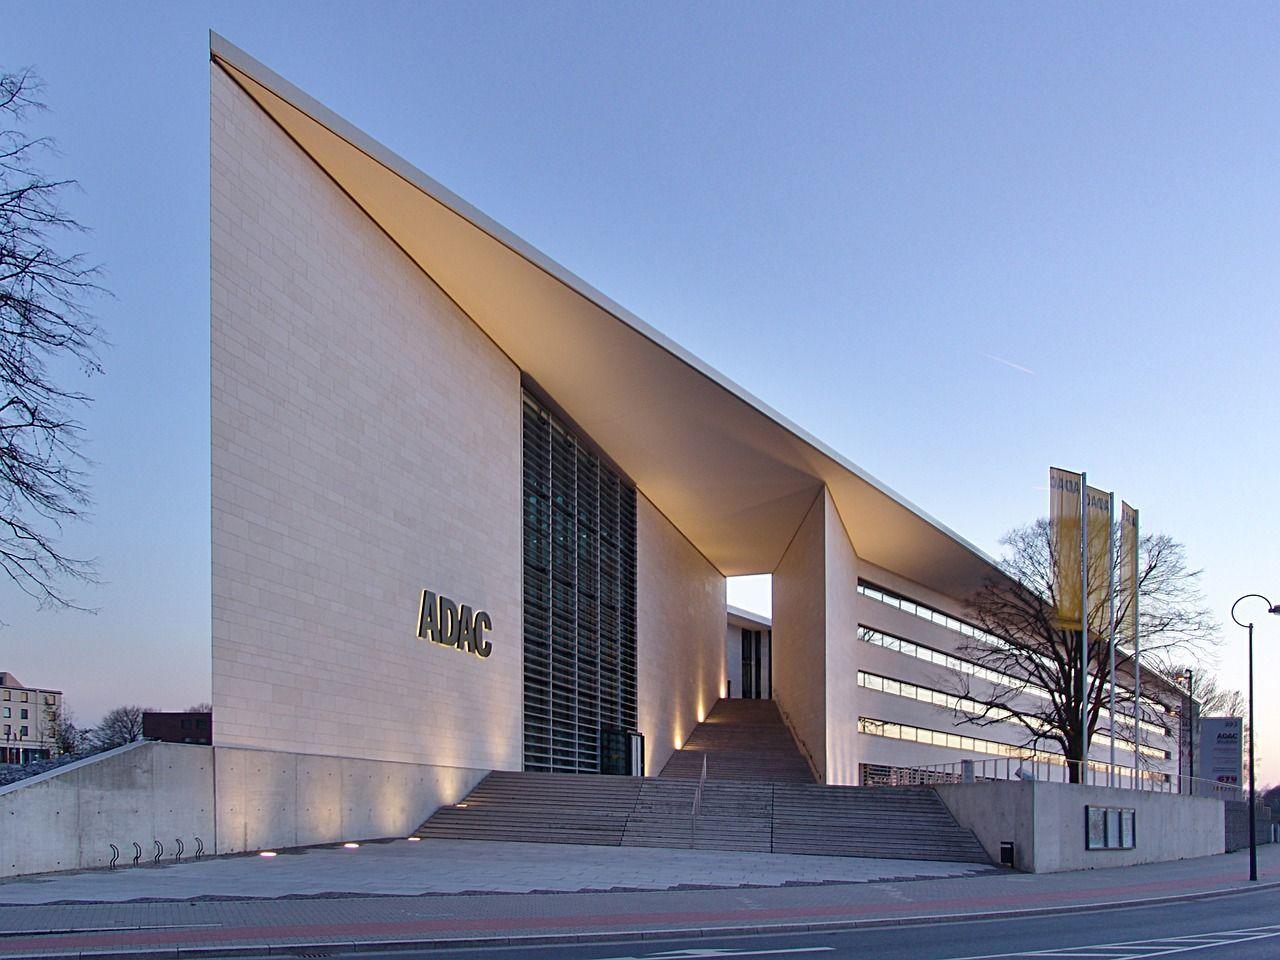 Die Architektur eines Gebäudes lässt sich auf viele